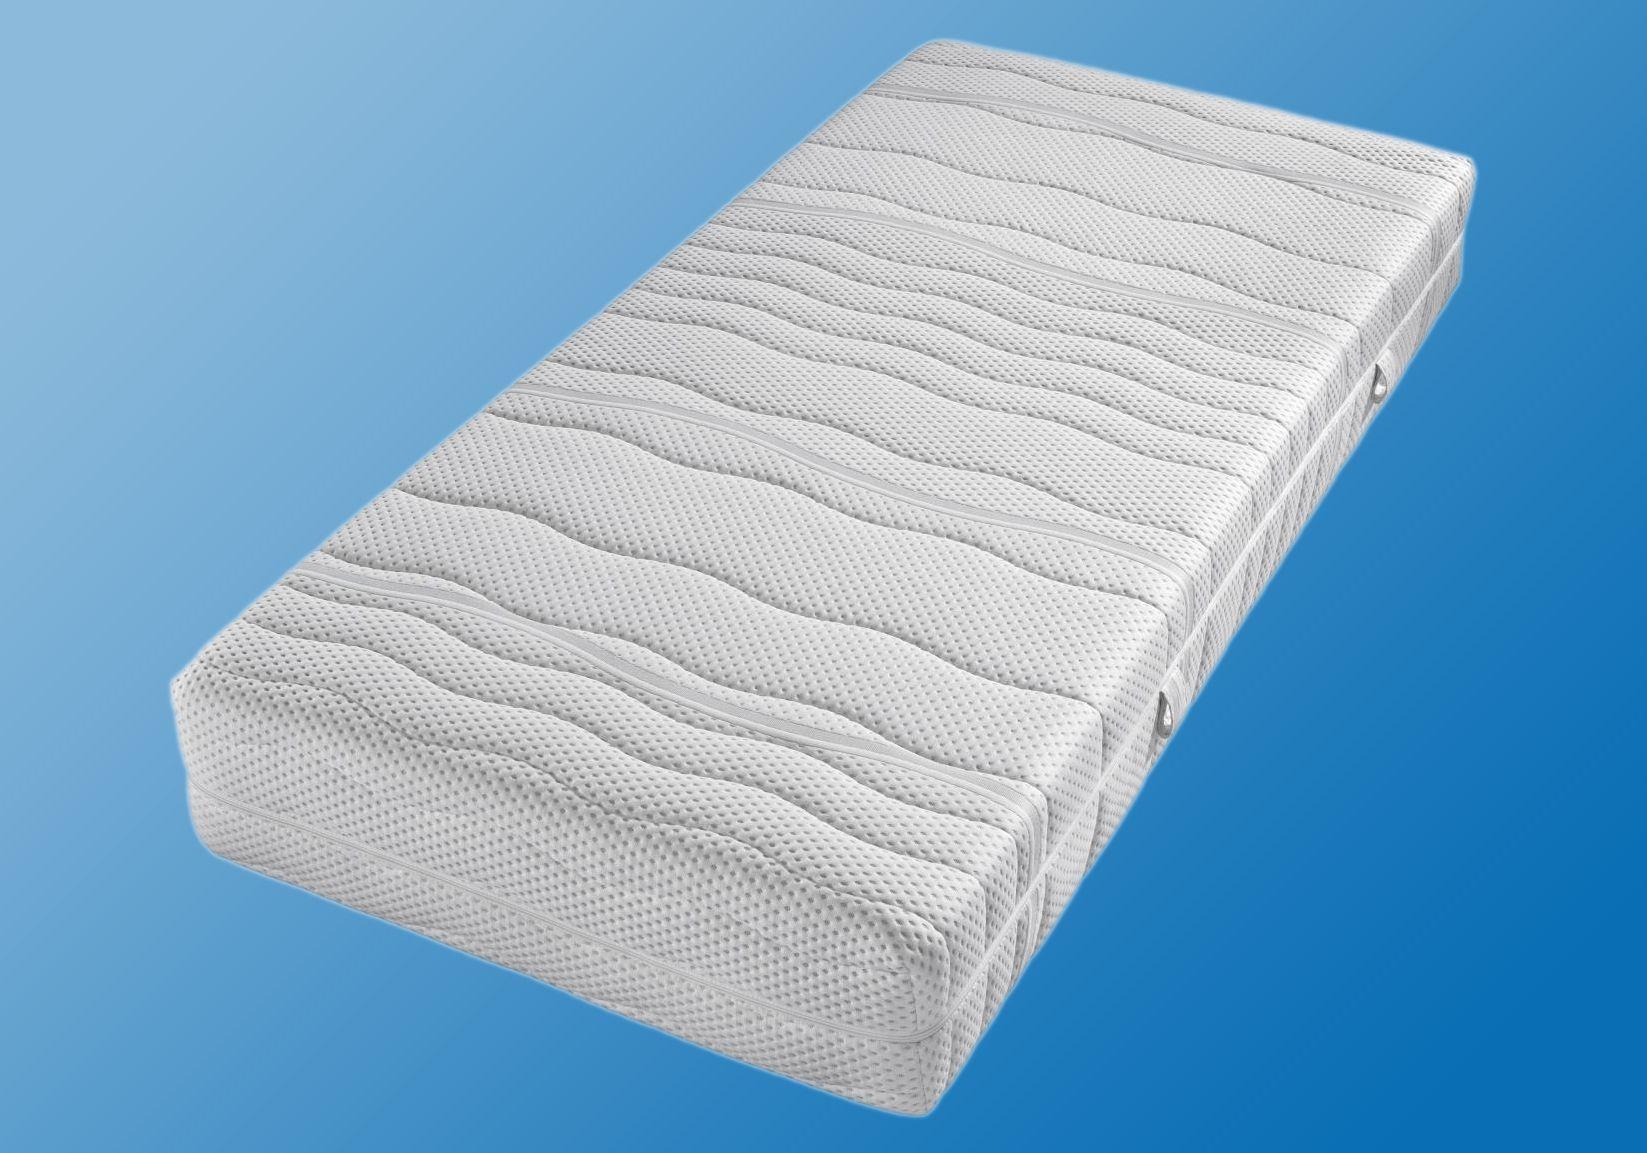 BECO Komfortschaummatratze, »KS 29 plus«, BeCo, 29 cm hoch, Raumgewicht: 35, extra hoch mit festem Rand für ein leichtes Aufstehen